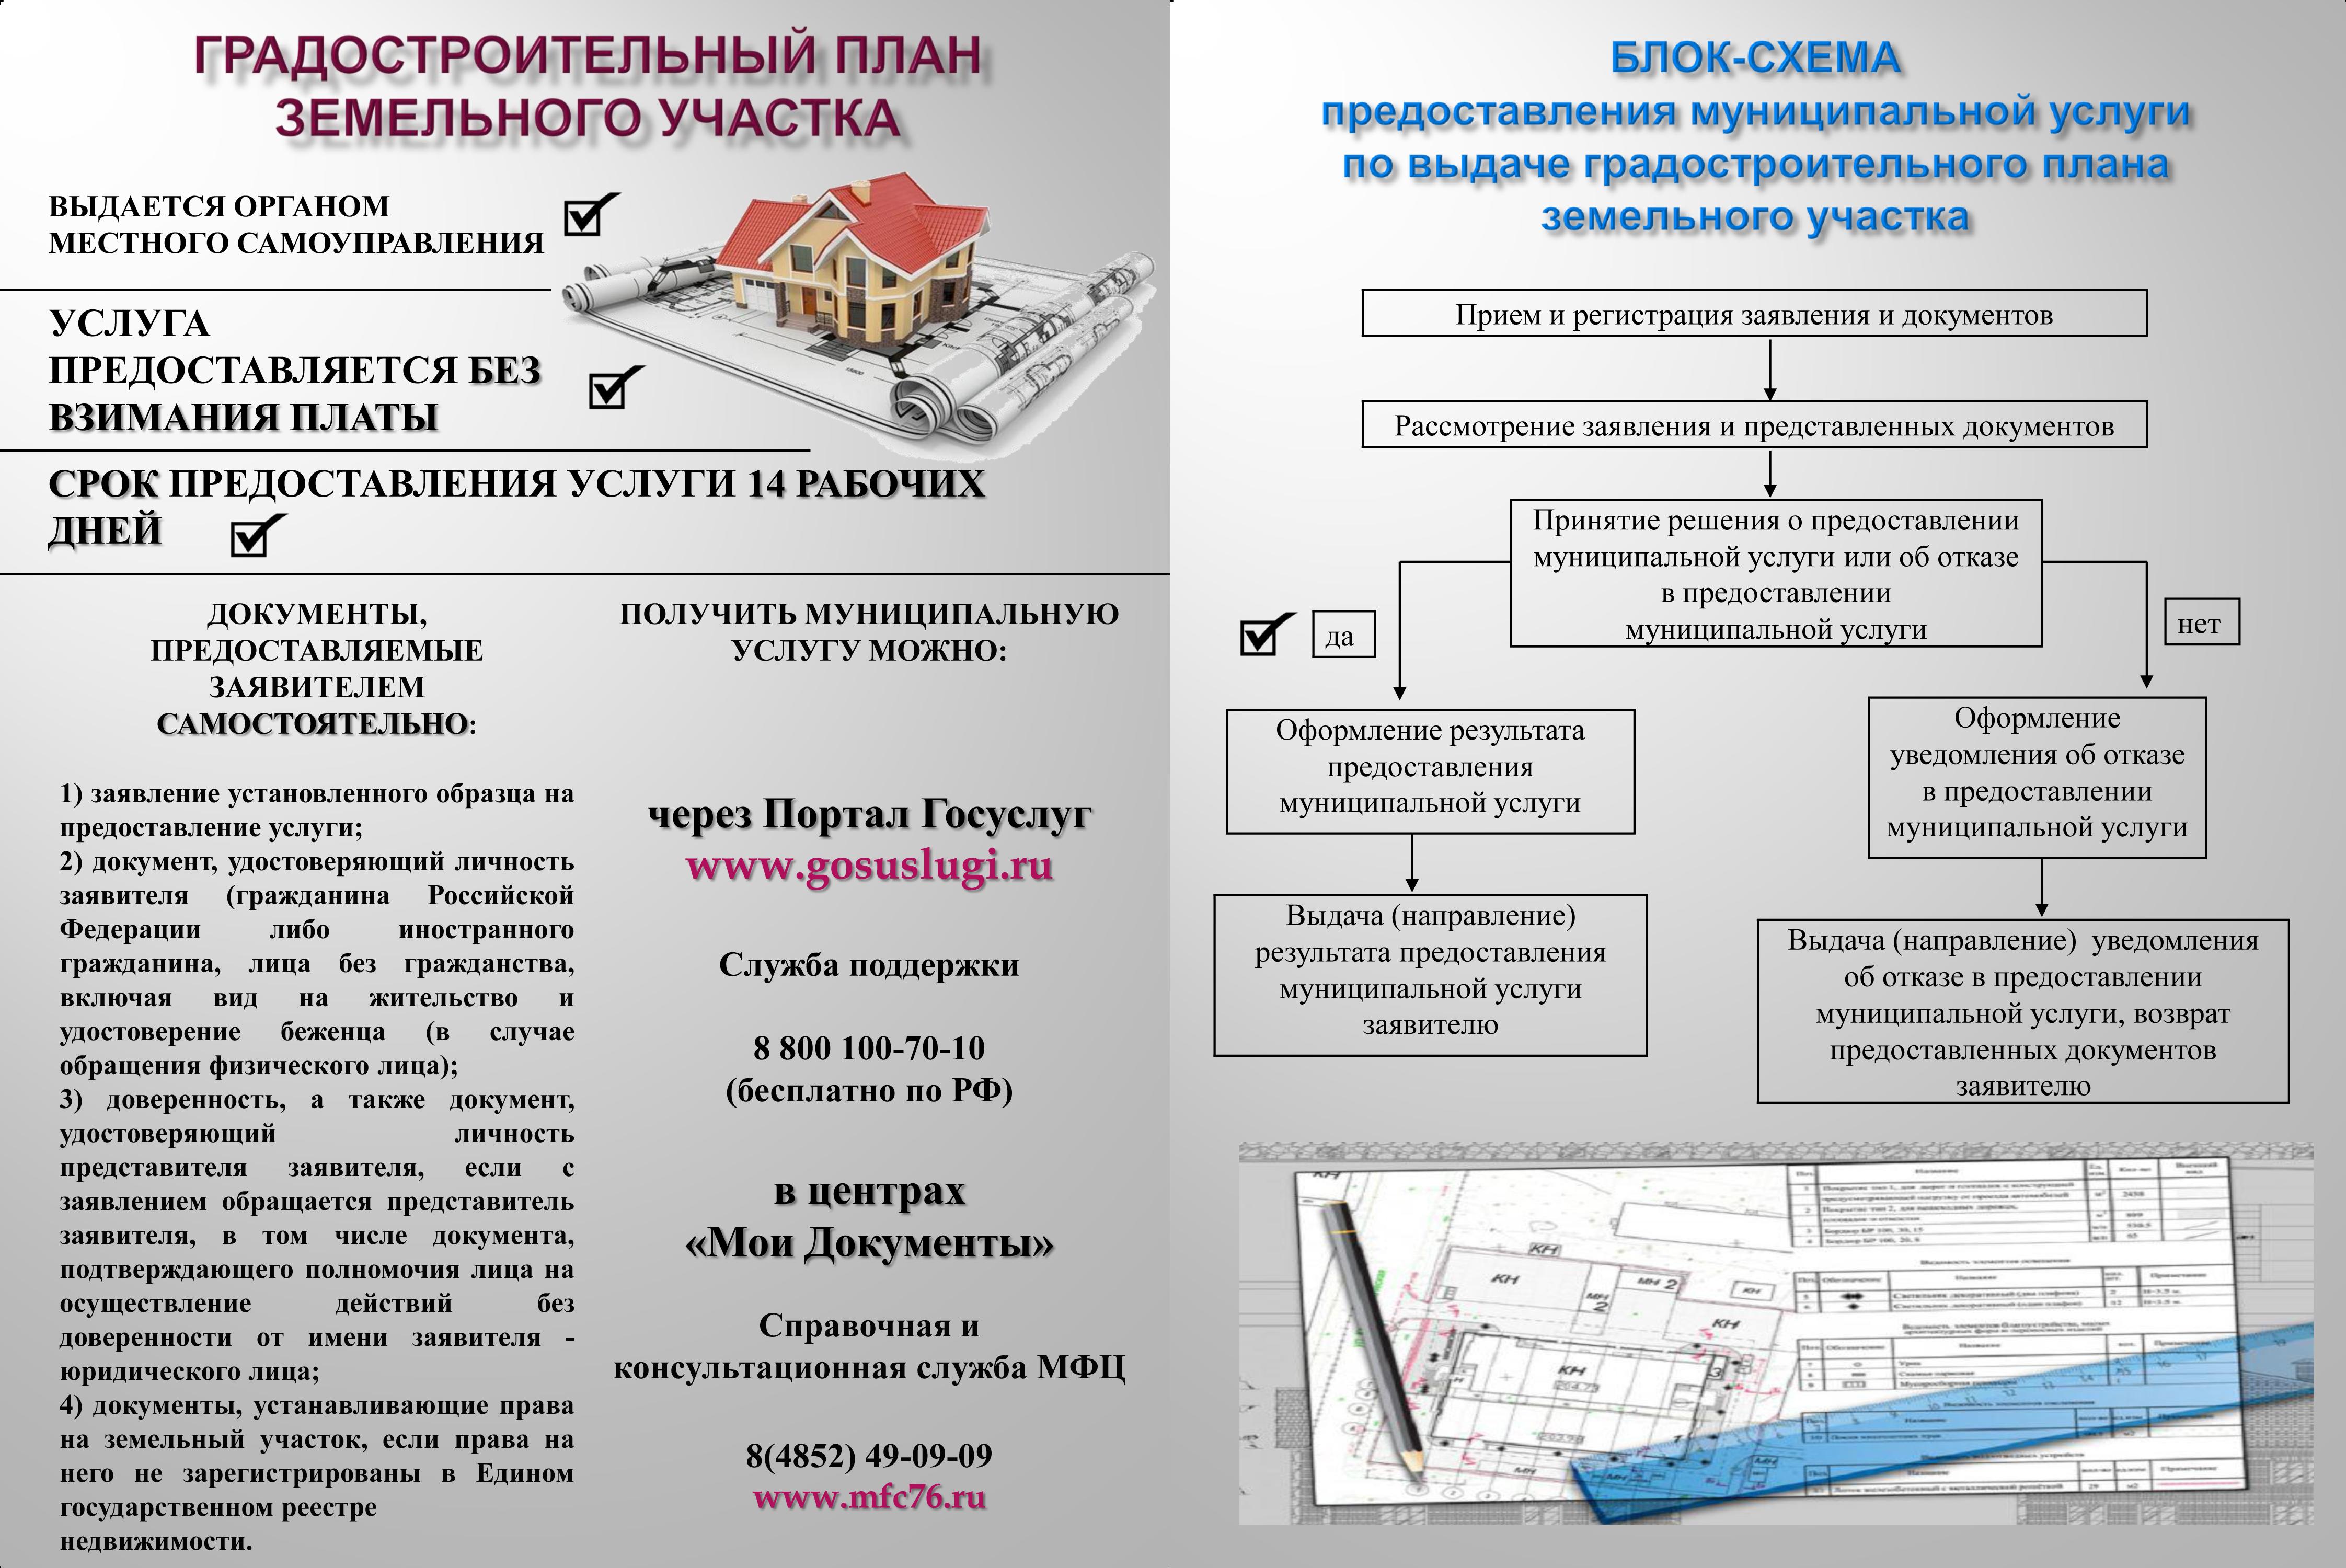 Статья 51. градостроительного кодекса рф. разрешение на строительство - москва